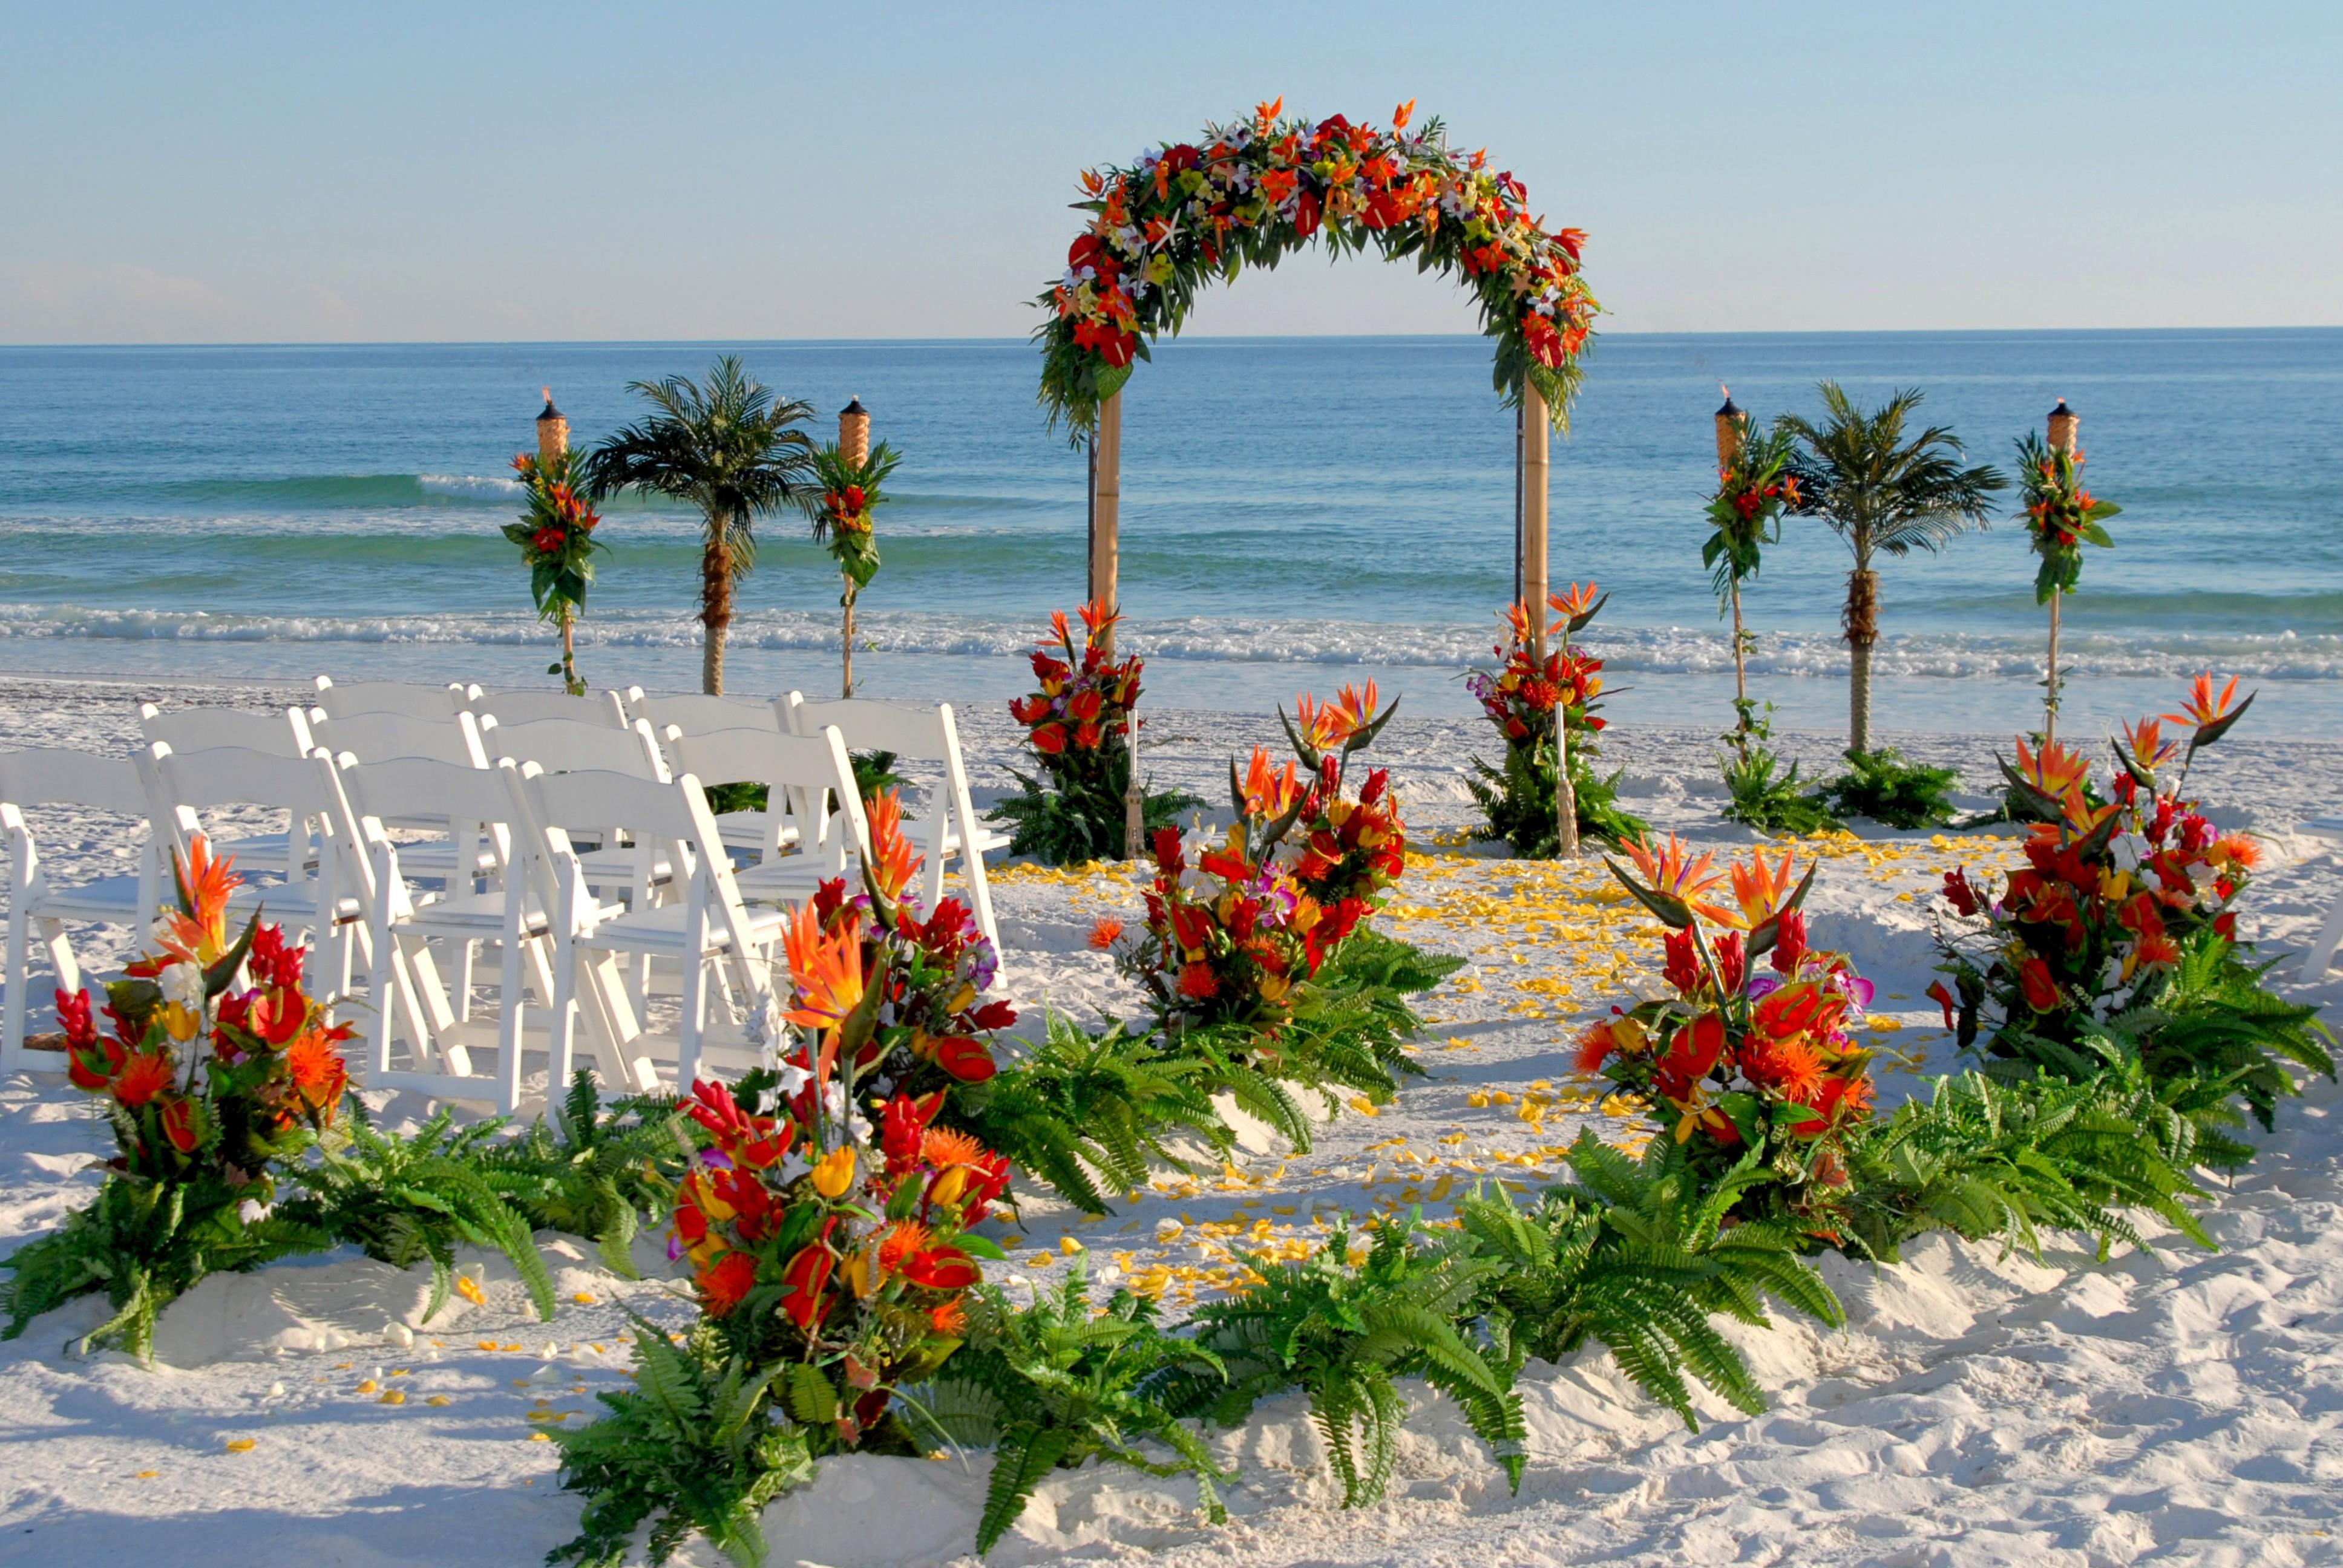 Matrimonio in spiaggia: come organizzarlo in ogni singolo dettaglio